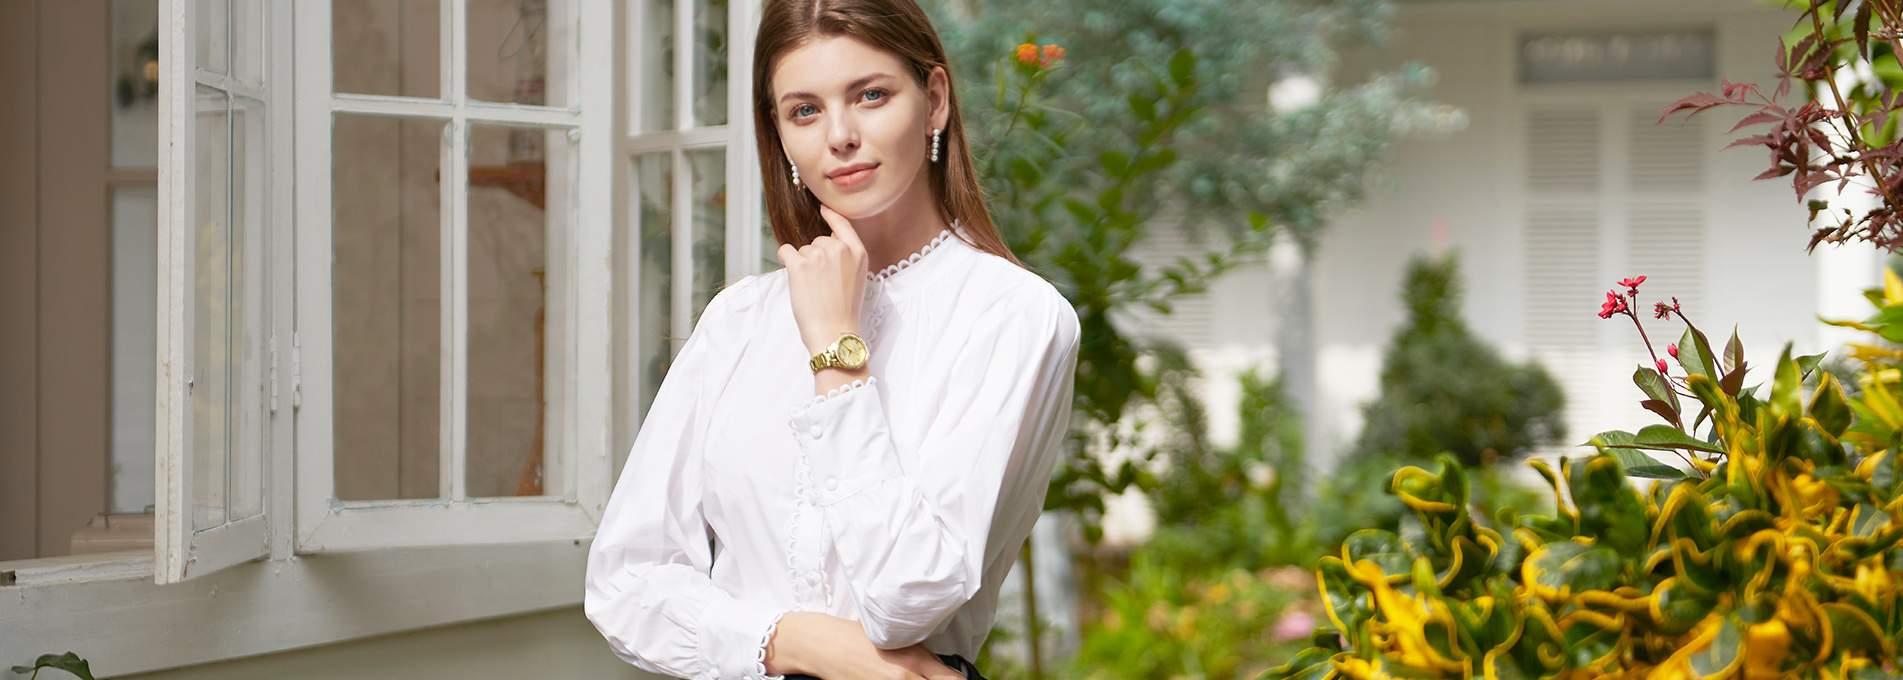 Inspirujący świat zegarków fashion - Lorus, Michael Kors, Cluse